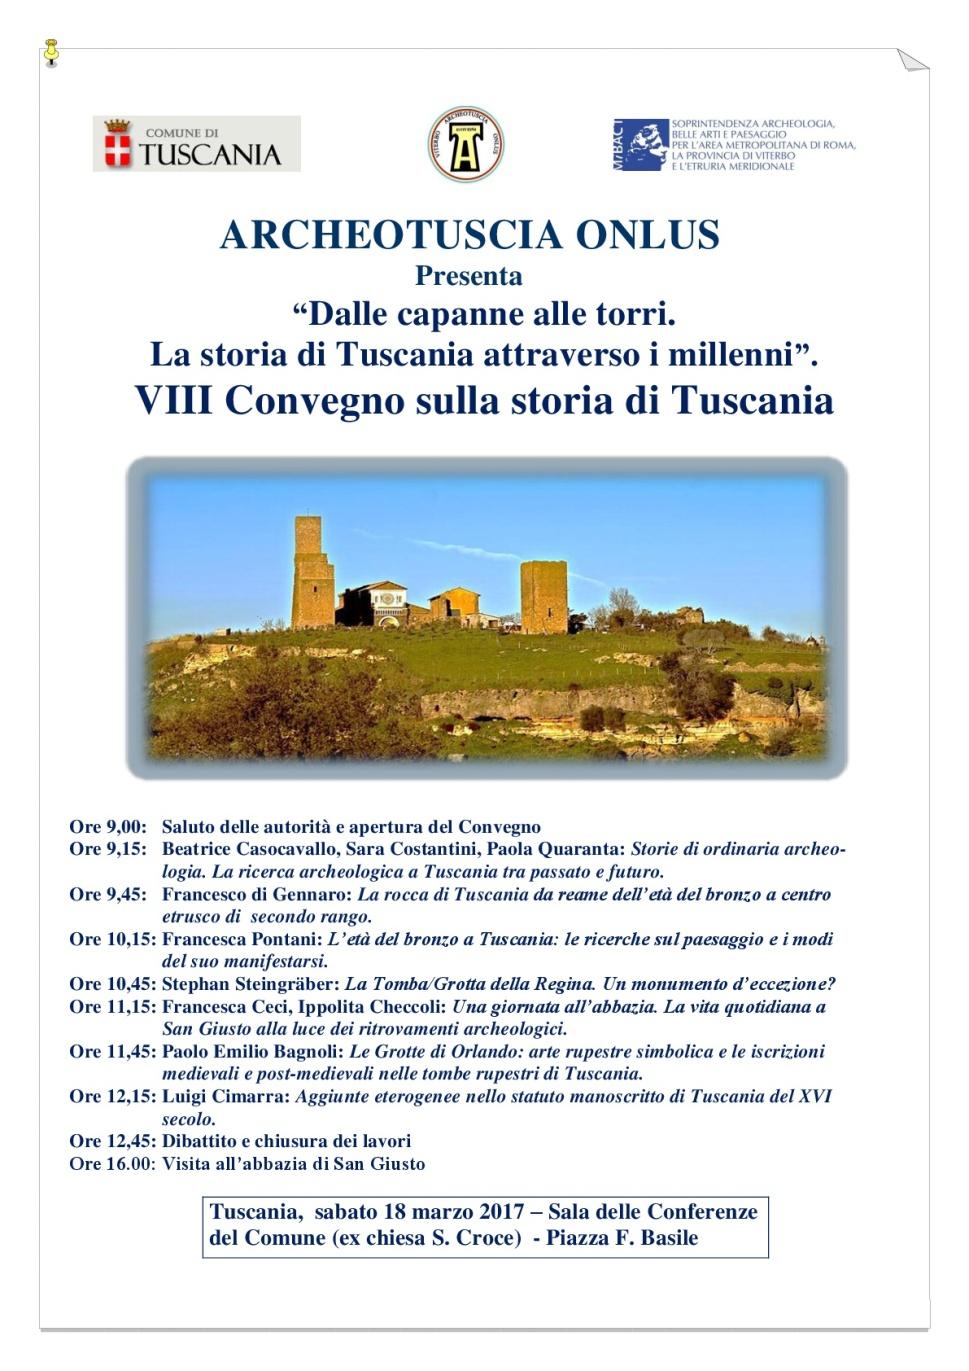 Programma_VIII_Convegno_sulla_Storia_di_Tuscania